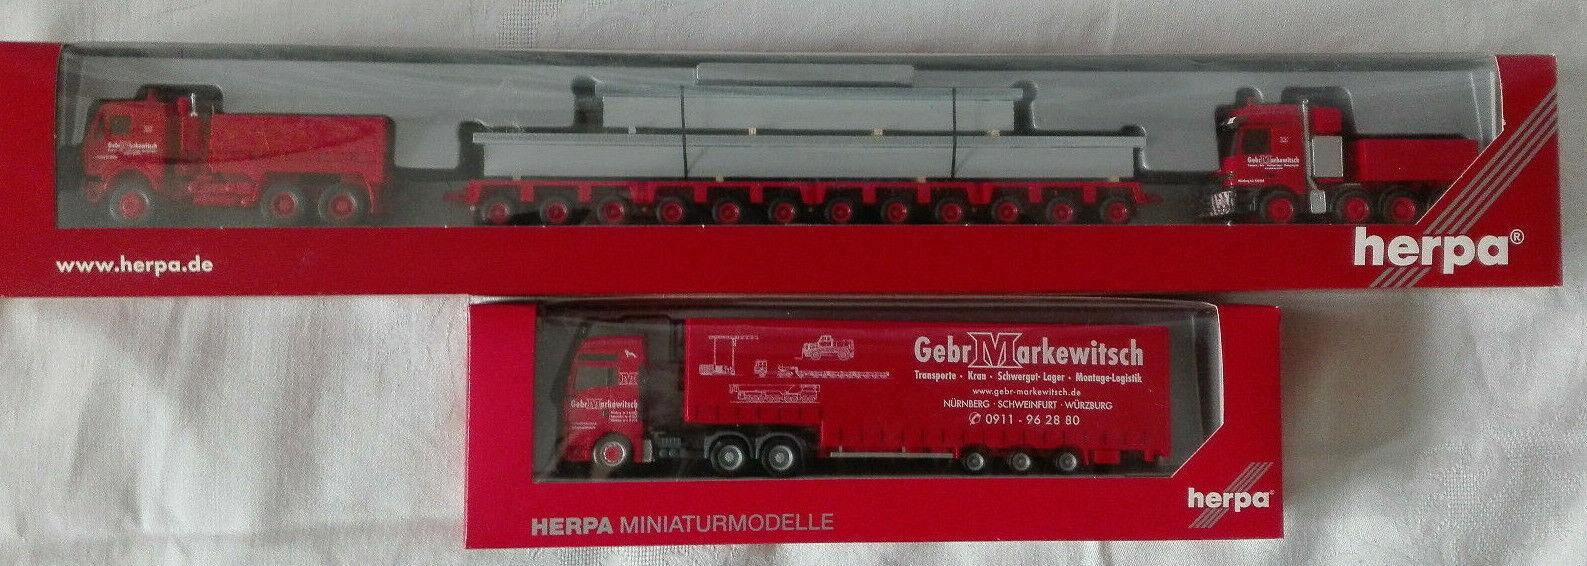 Herpa 1 87 H0 Schwerlasttransport + LKW  Firma  Markewitsch  OVP Neuwertig